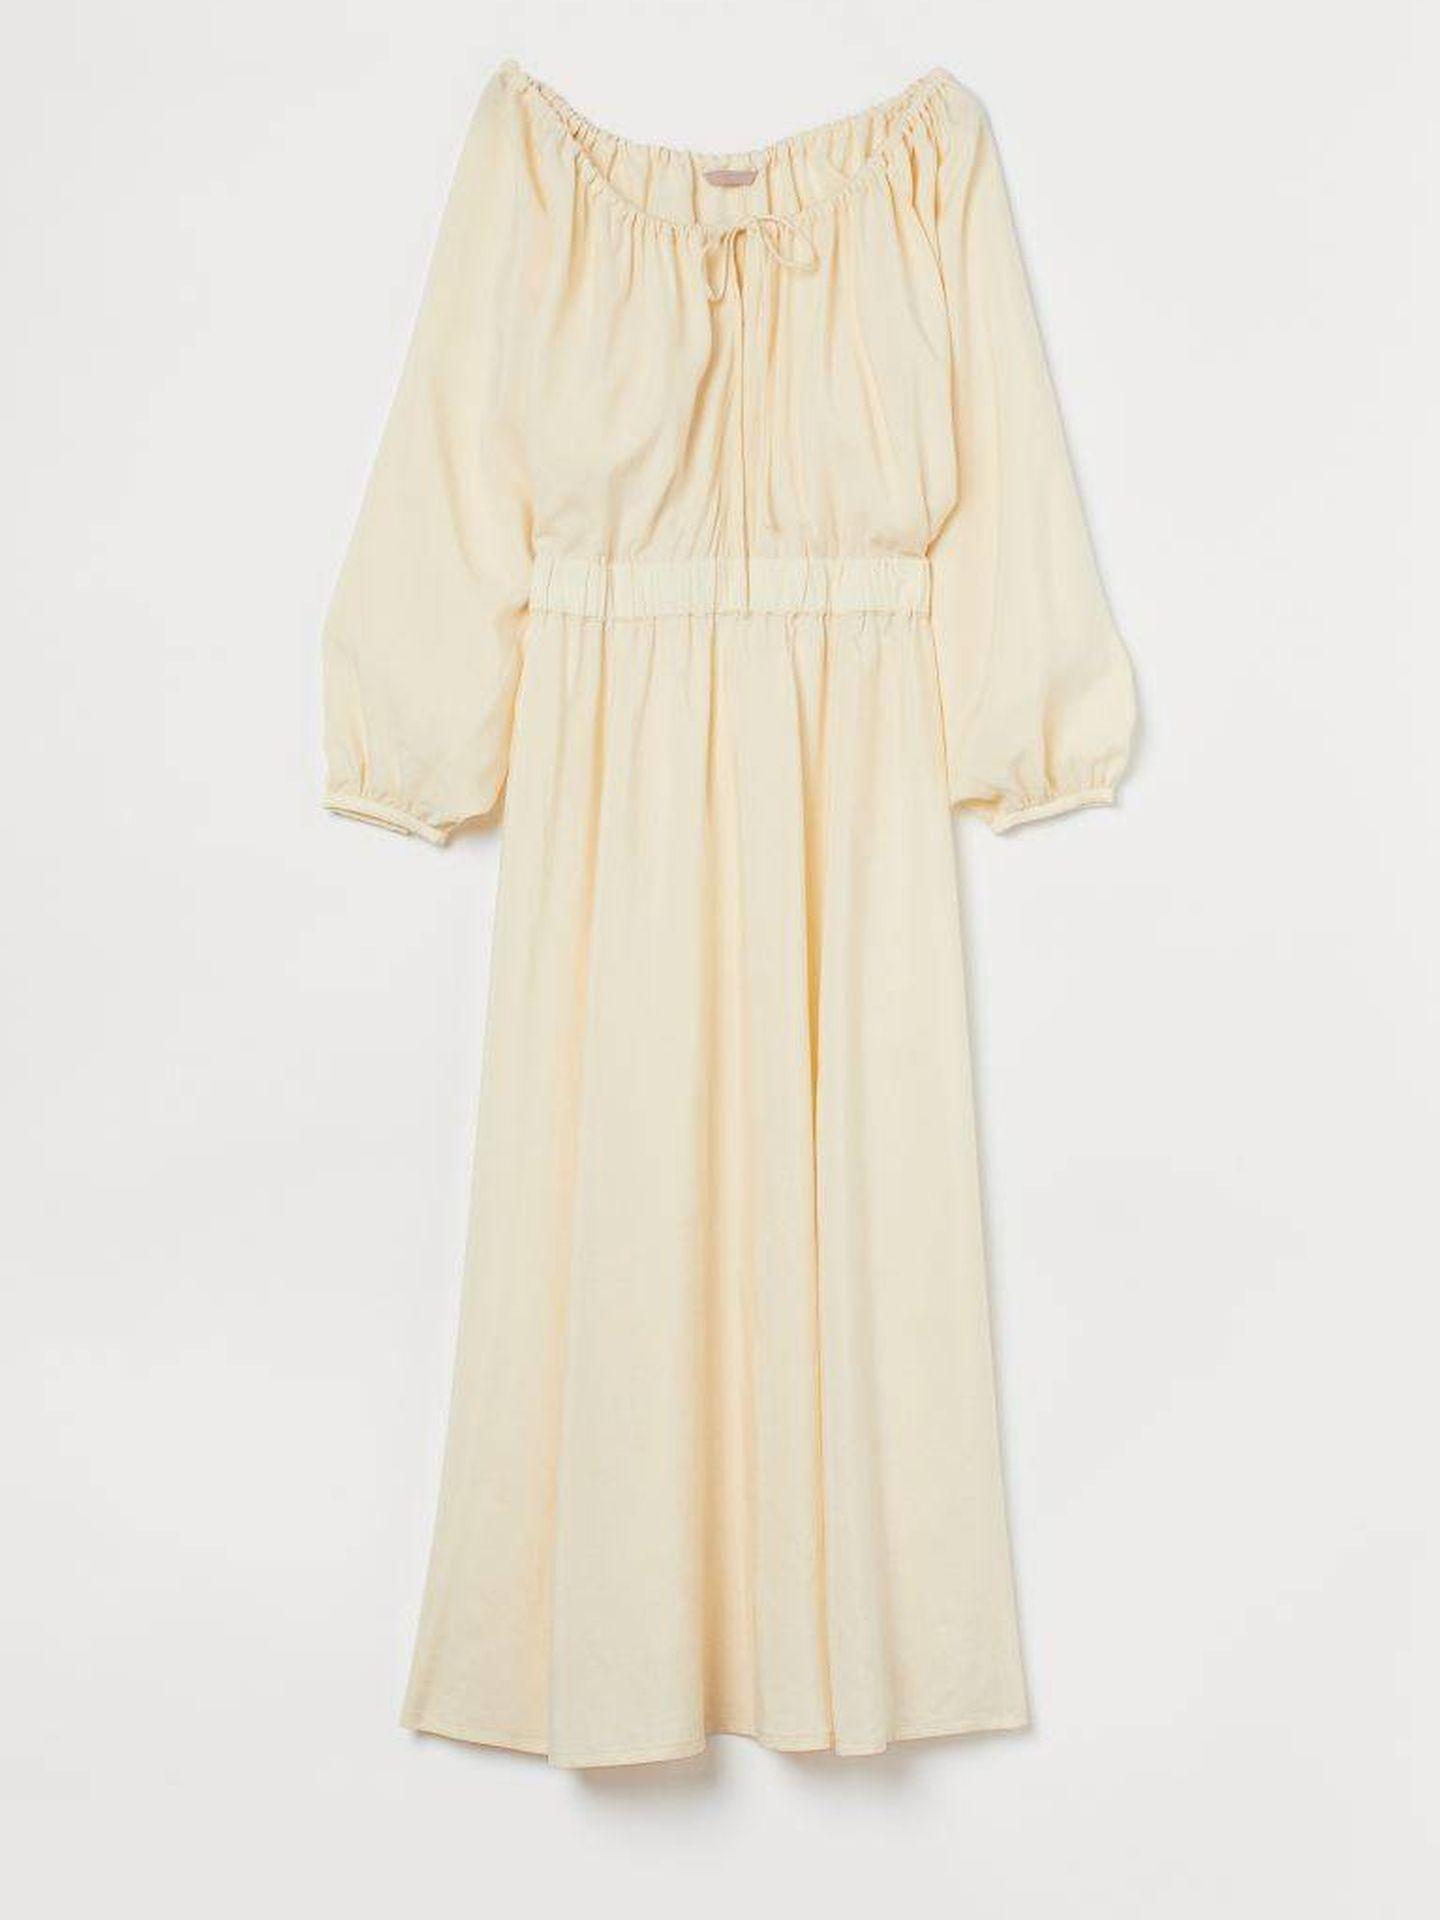 Vestido de HyM. (Cortesía)